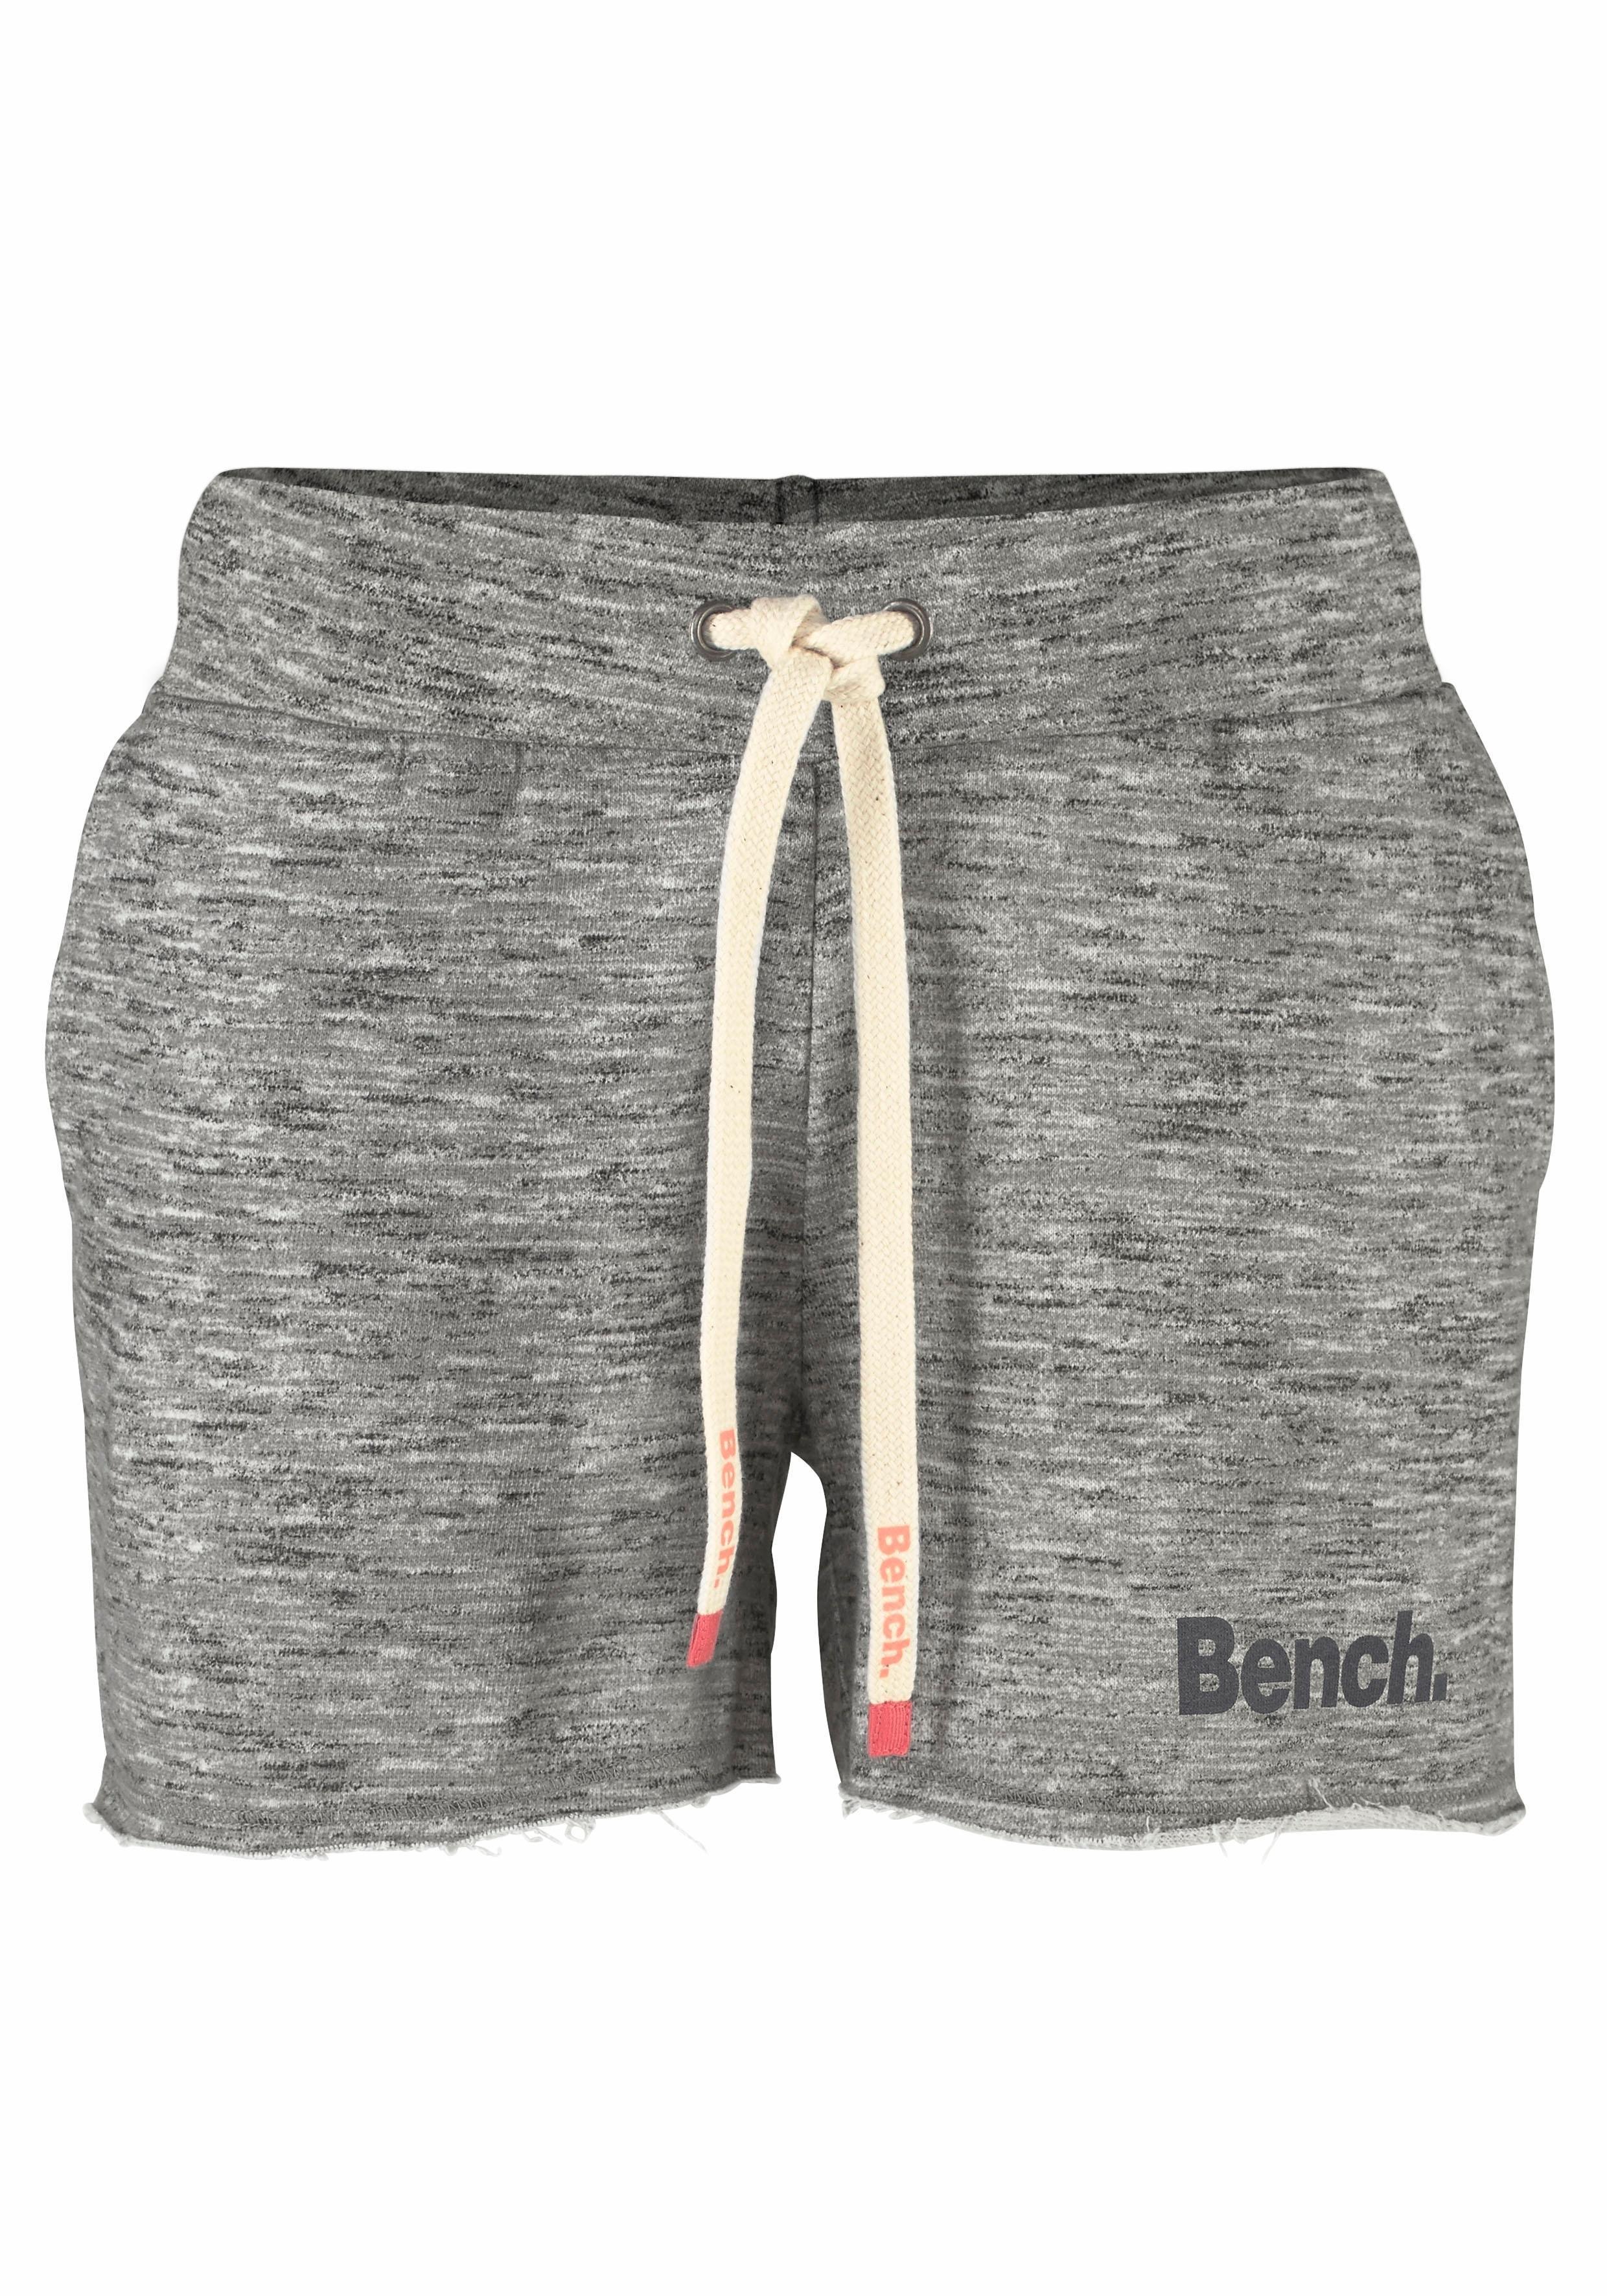 Op zoek naar een Bench. strandshort? Koop online bij Lascana